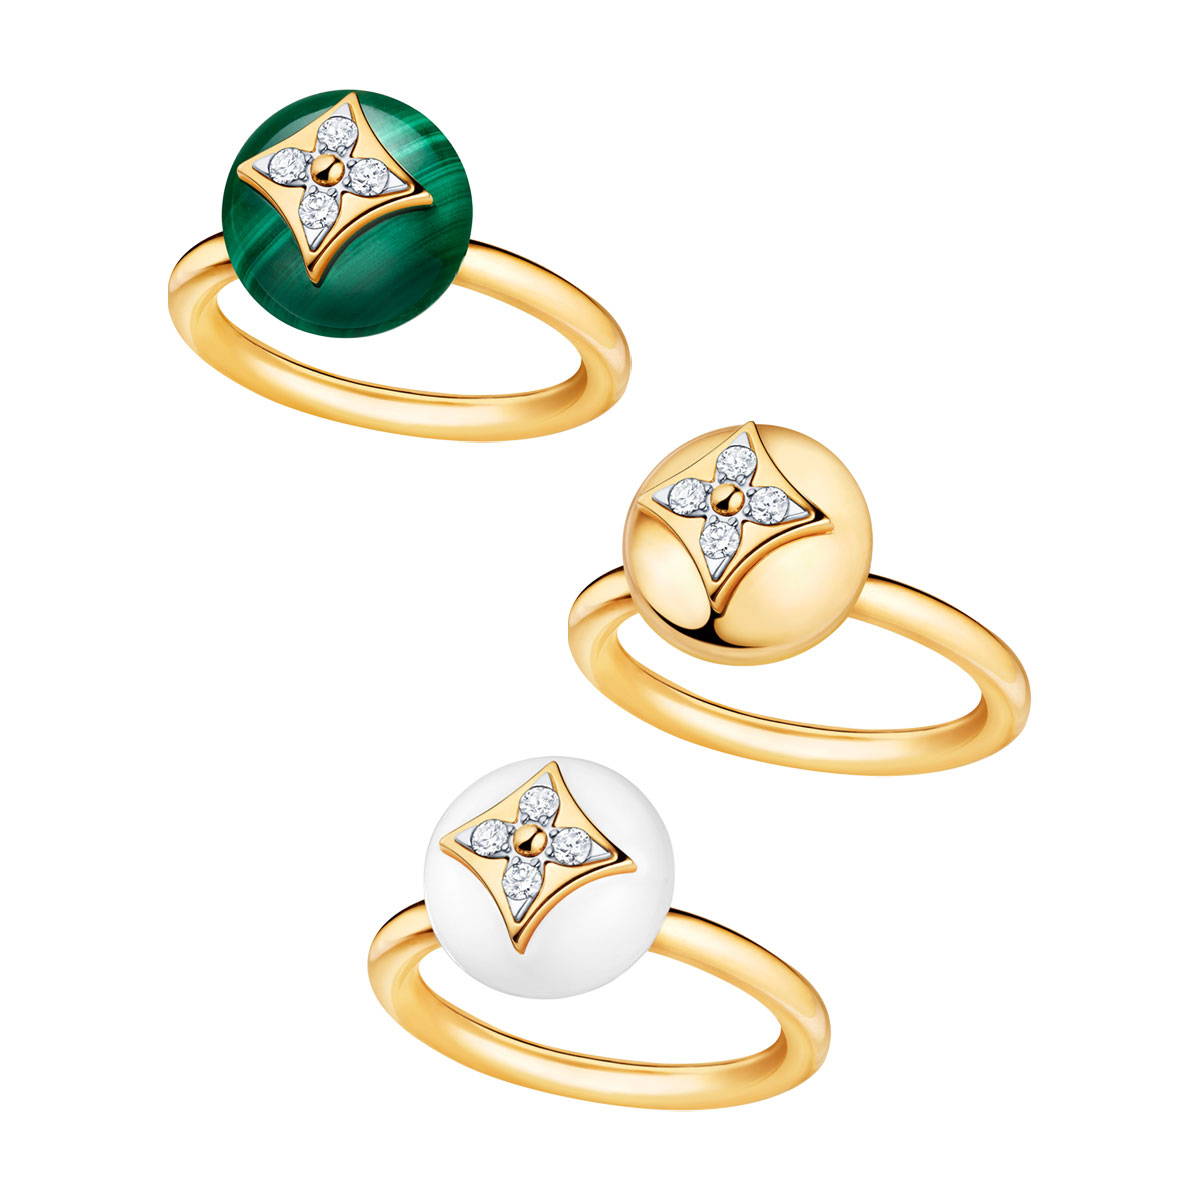 """""""バーグBブロッサム"""" リング(上から)〈YG、マラカイト、ダイヤモンド〉¥400,000、〈YG、ダイヤモンド〉¥400,000、〈YG、ホワイトアゲート、ダイヤモンド〉¥359,000"""